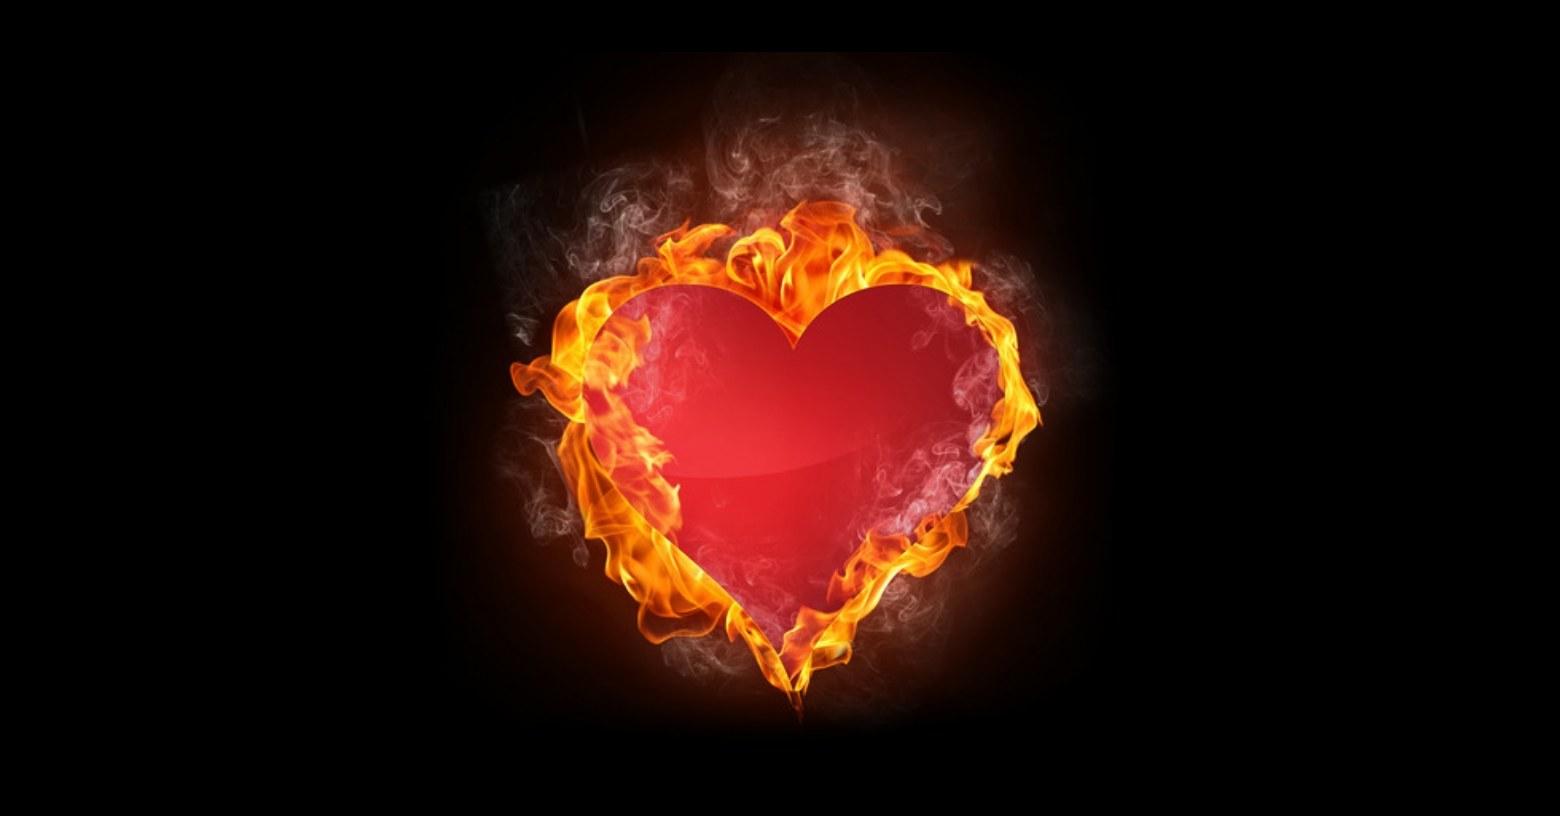 Simbolismo do Coração - Alquimia Operativa